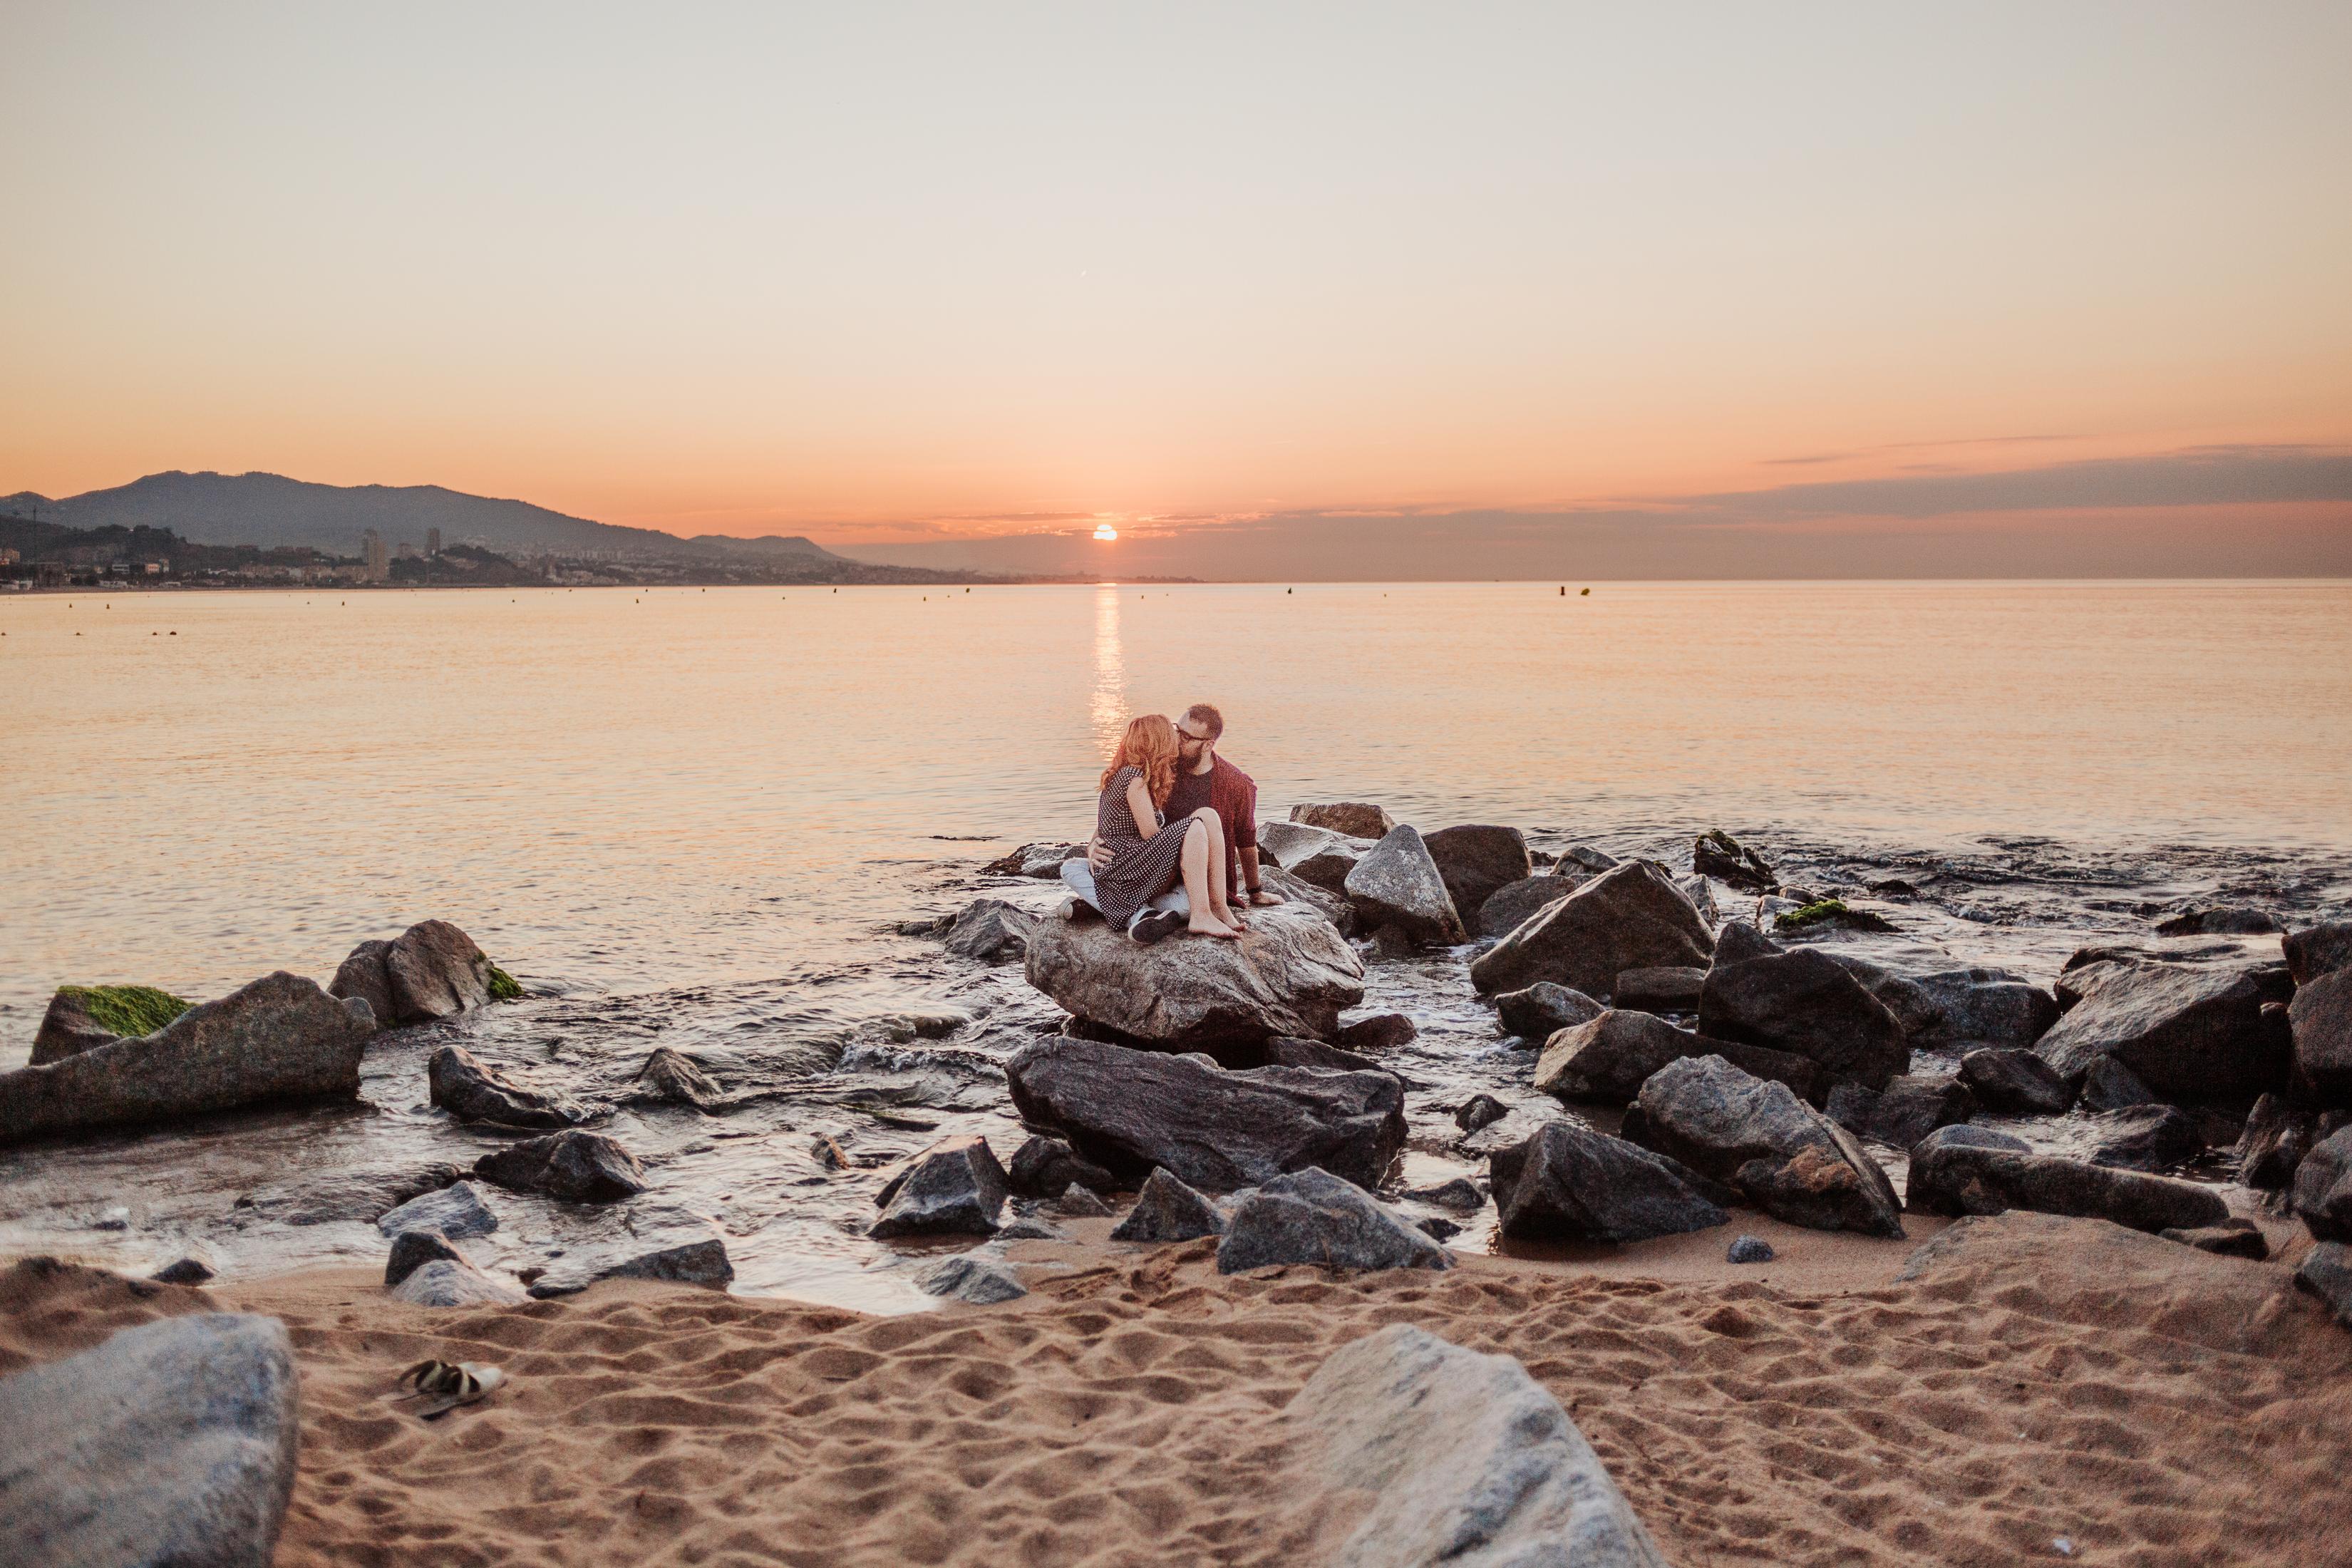 Fotógrafo de pareja Badalona :: Fotógrafo pareja Barcelona :: Pont del petroli :: Amanecer :: Golden hour :: Preboda :: Fotógrafo preboda Badalona